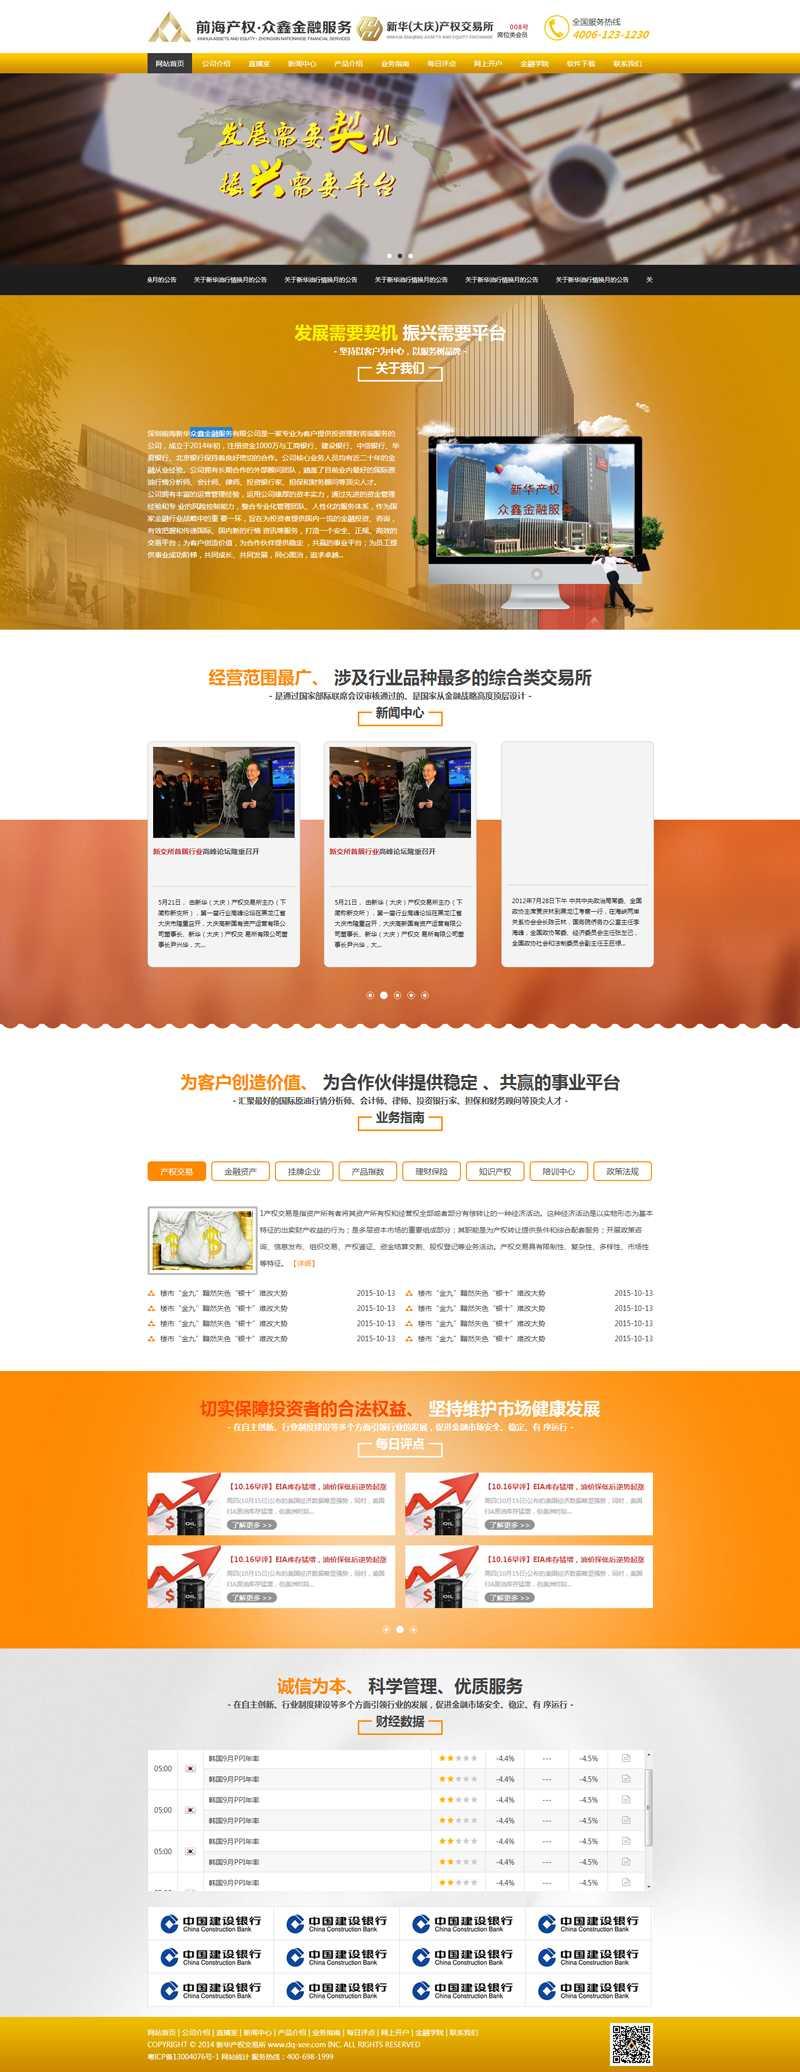 土豪金响应式金融服务网站整站模板